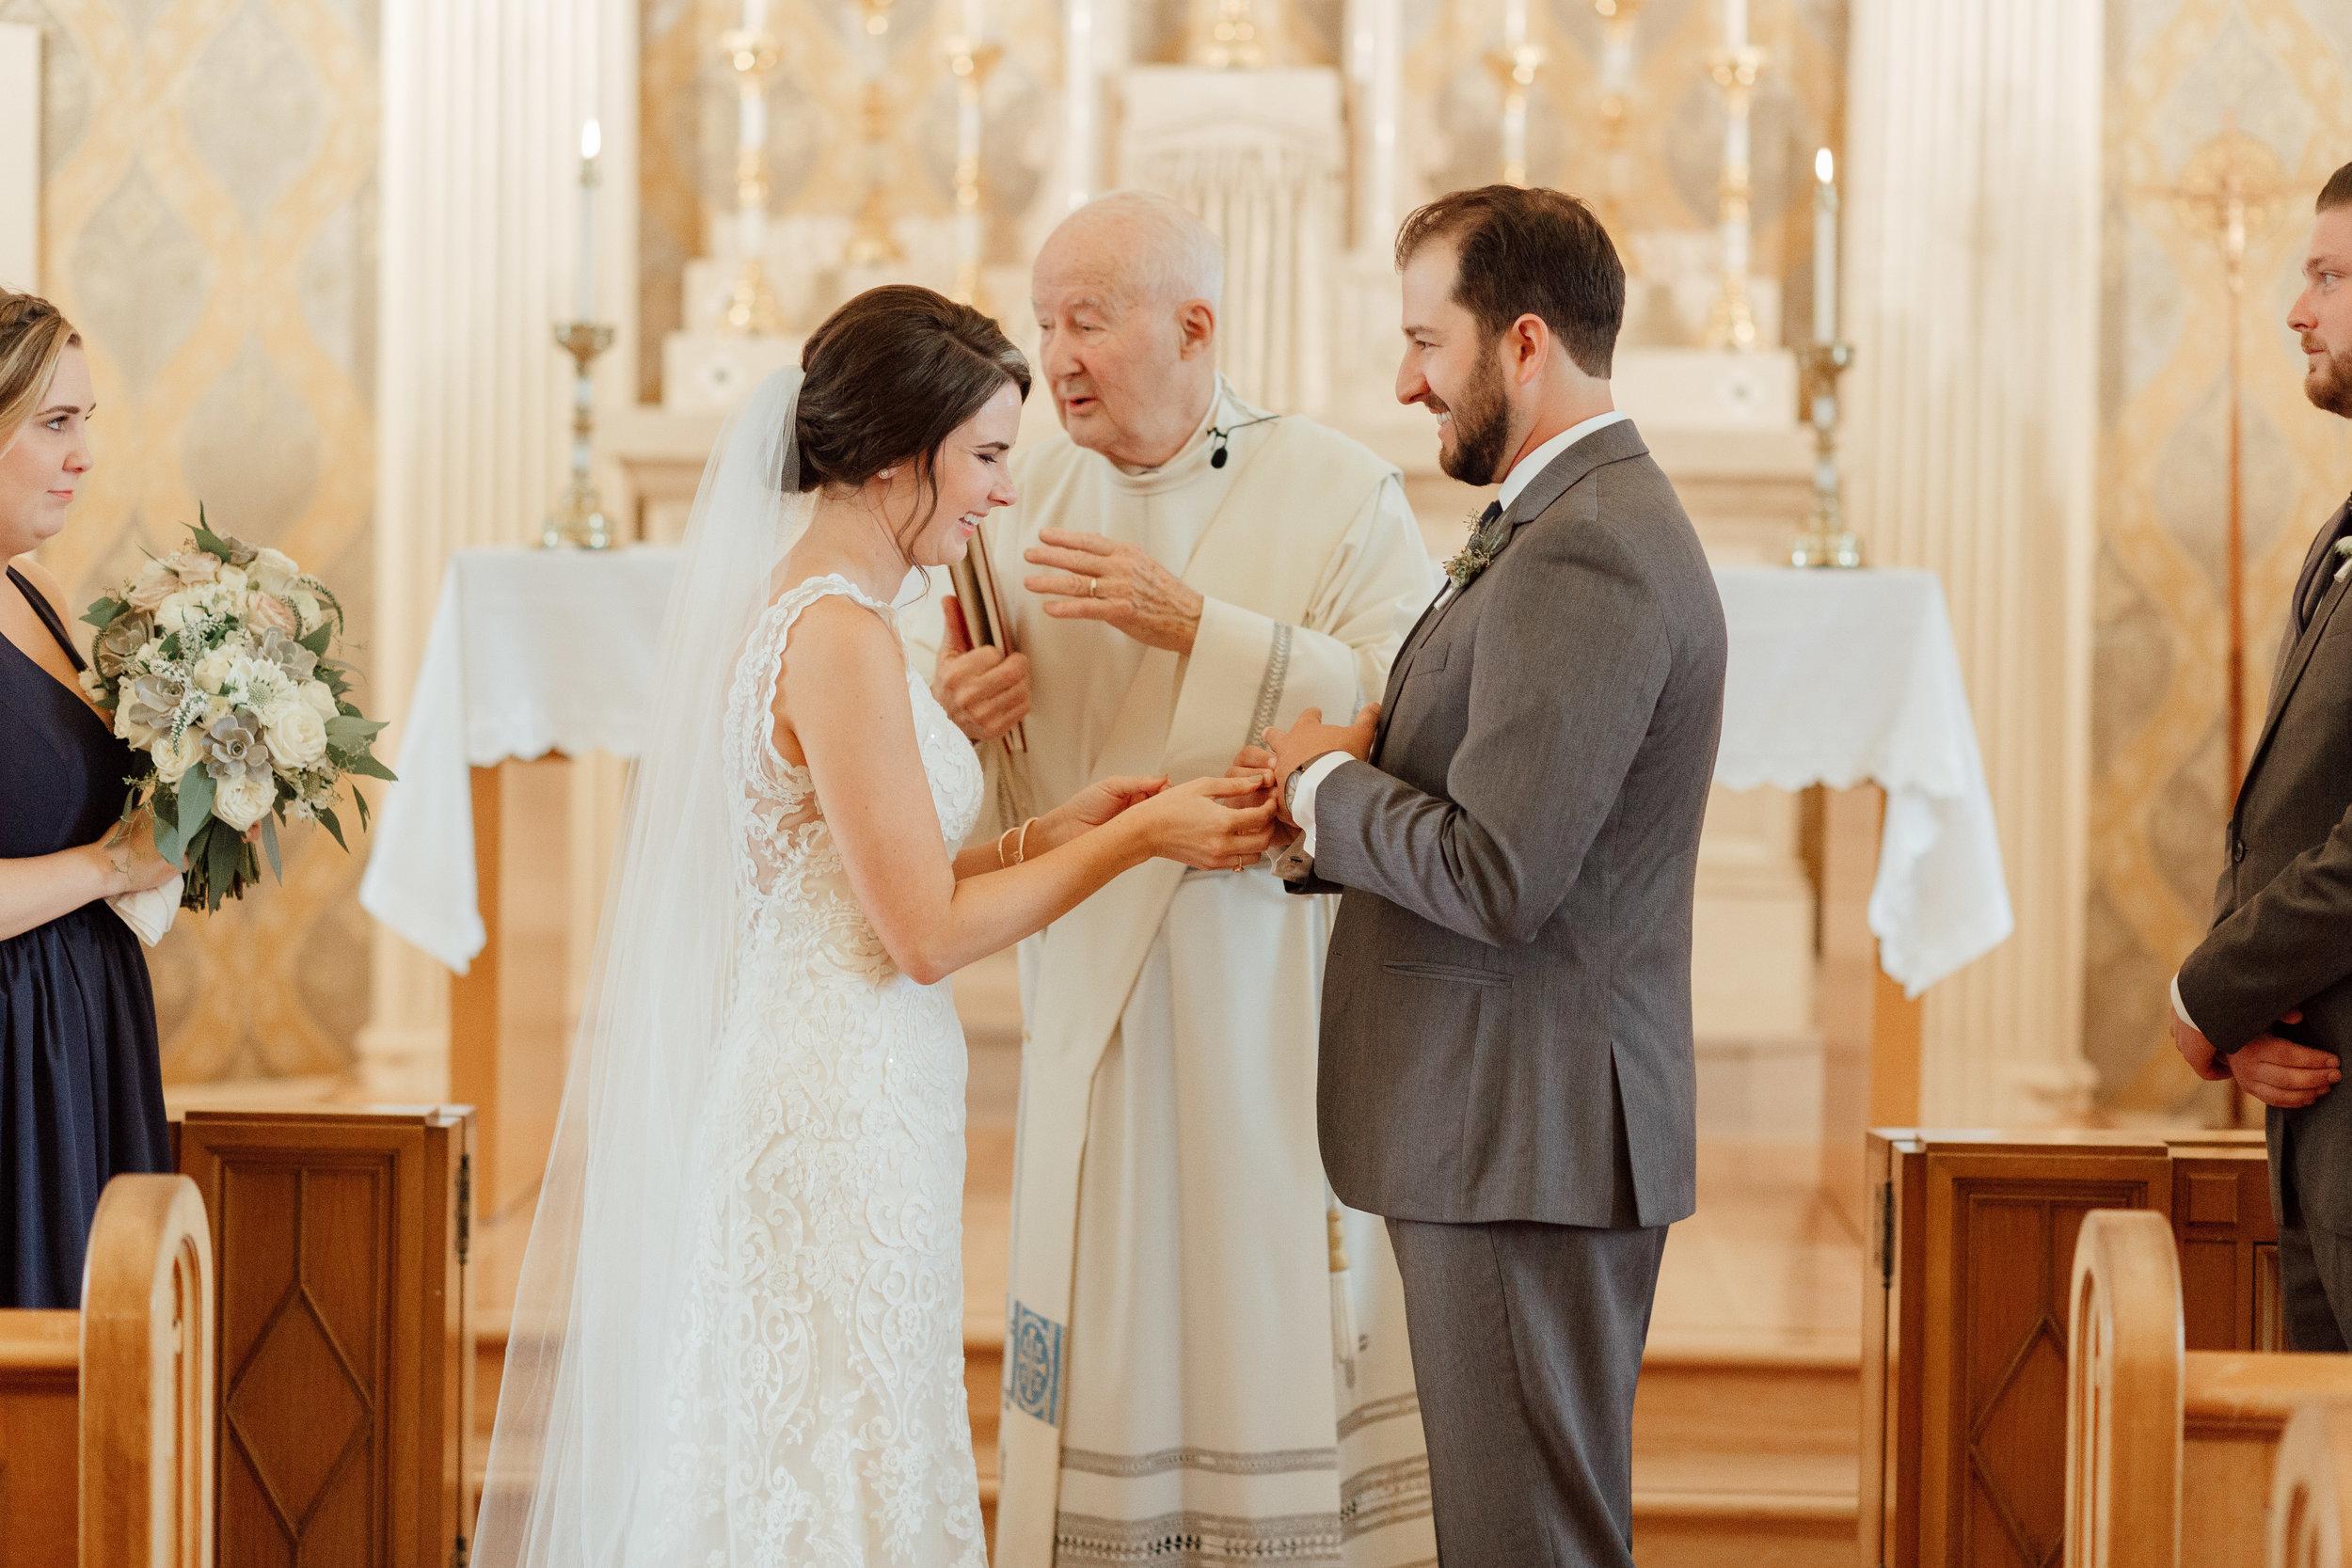 Lizzie&Chasen-Ceremony-171.jpg